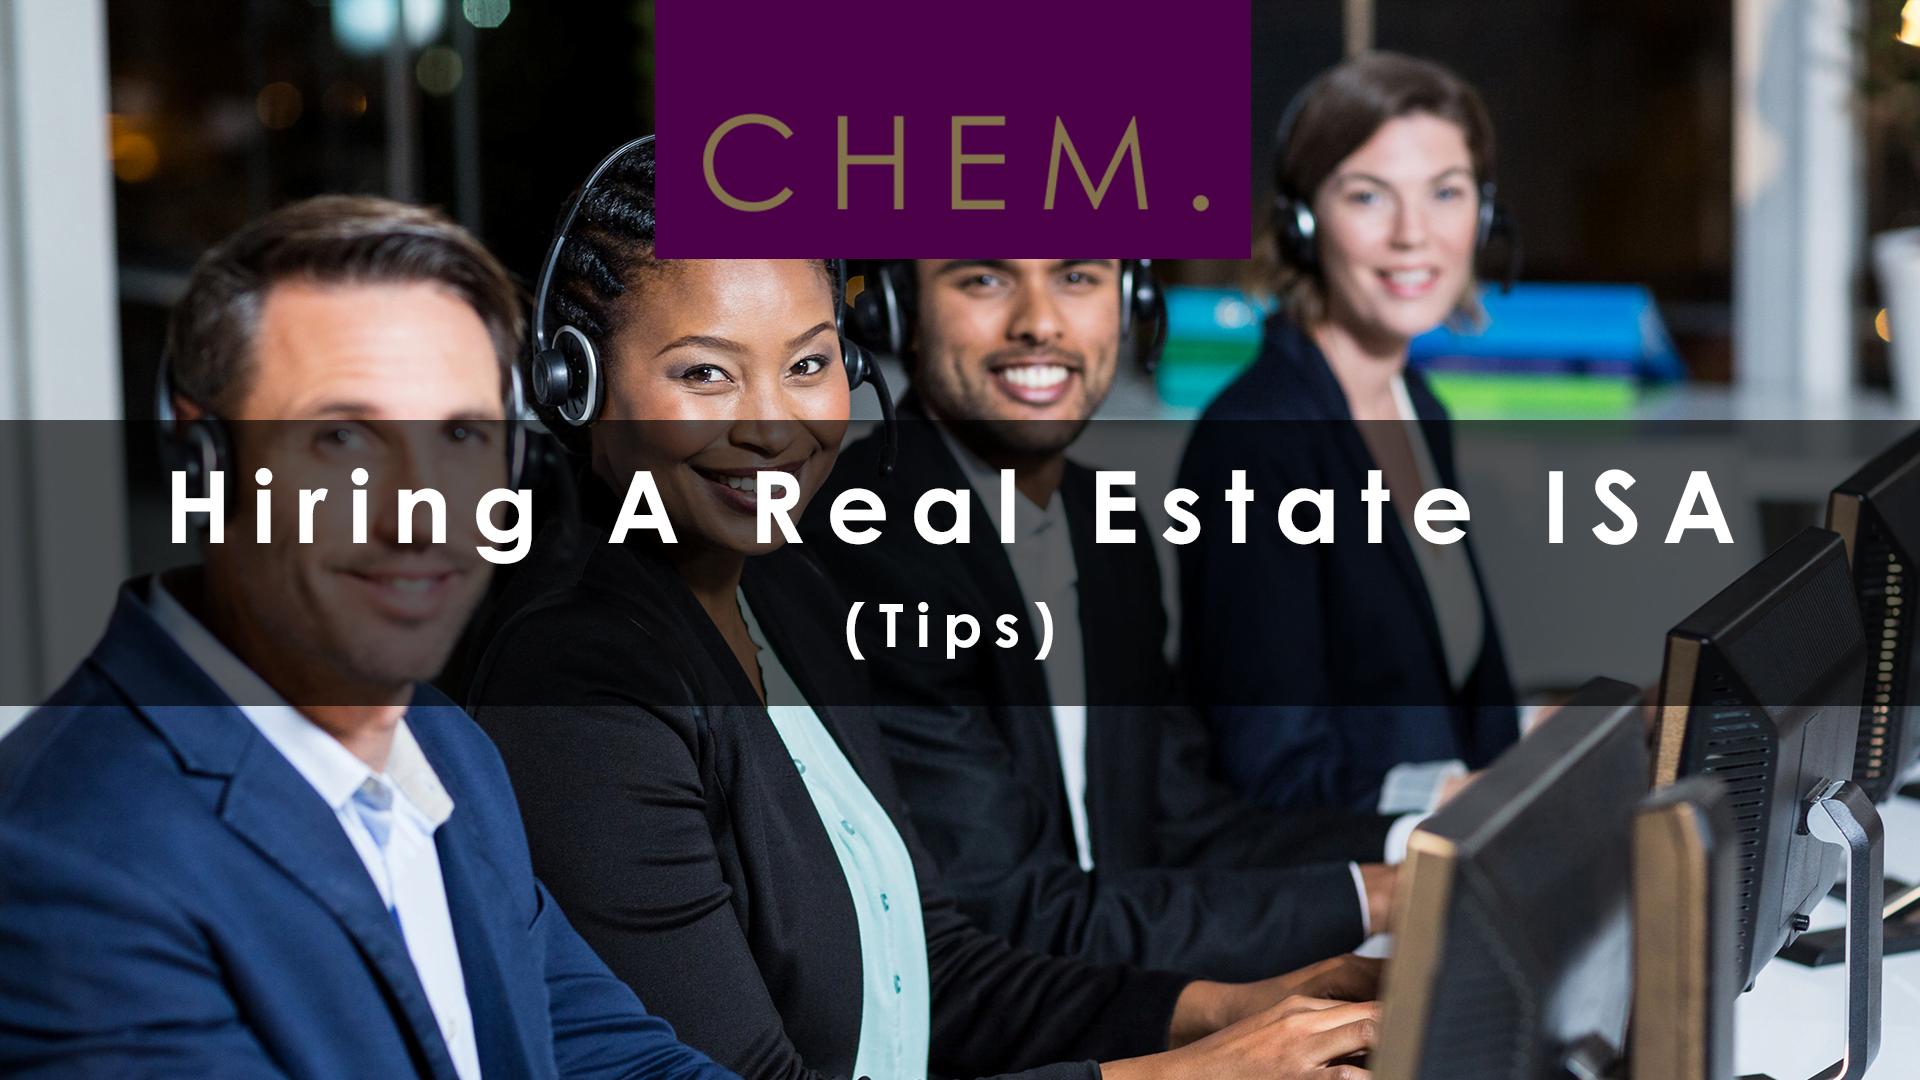 Hiring A Real Estate ISA (tips)